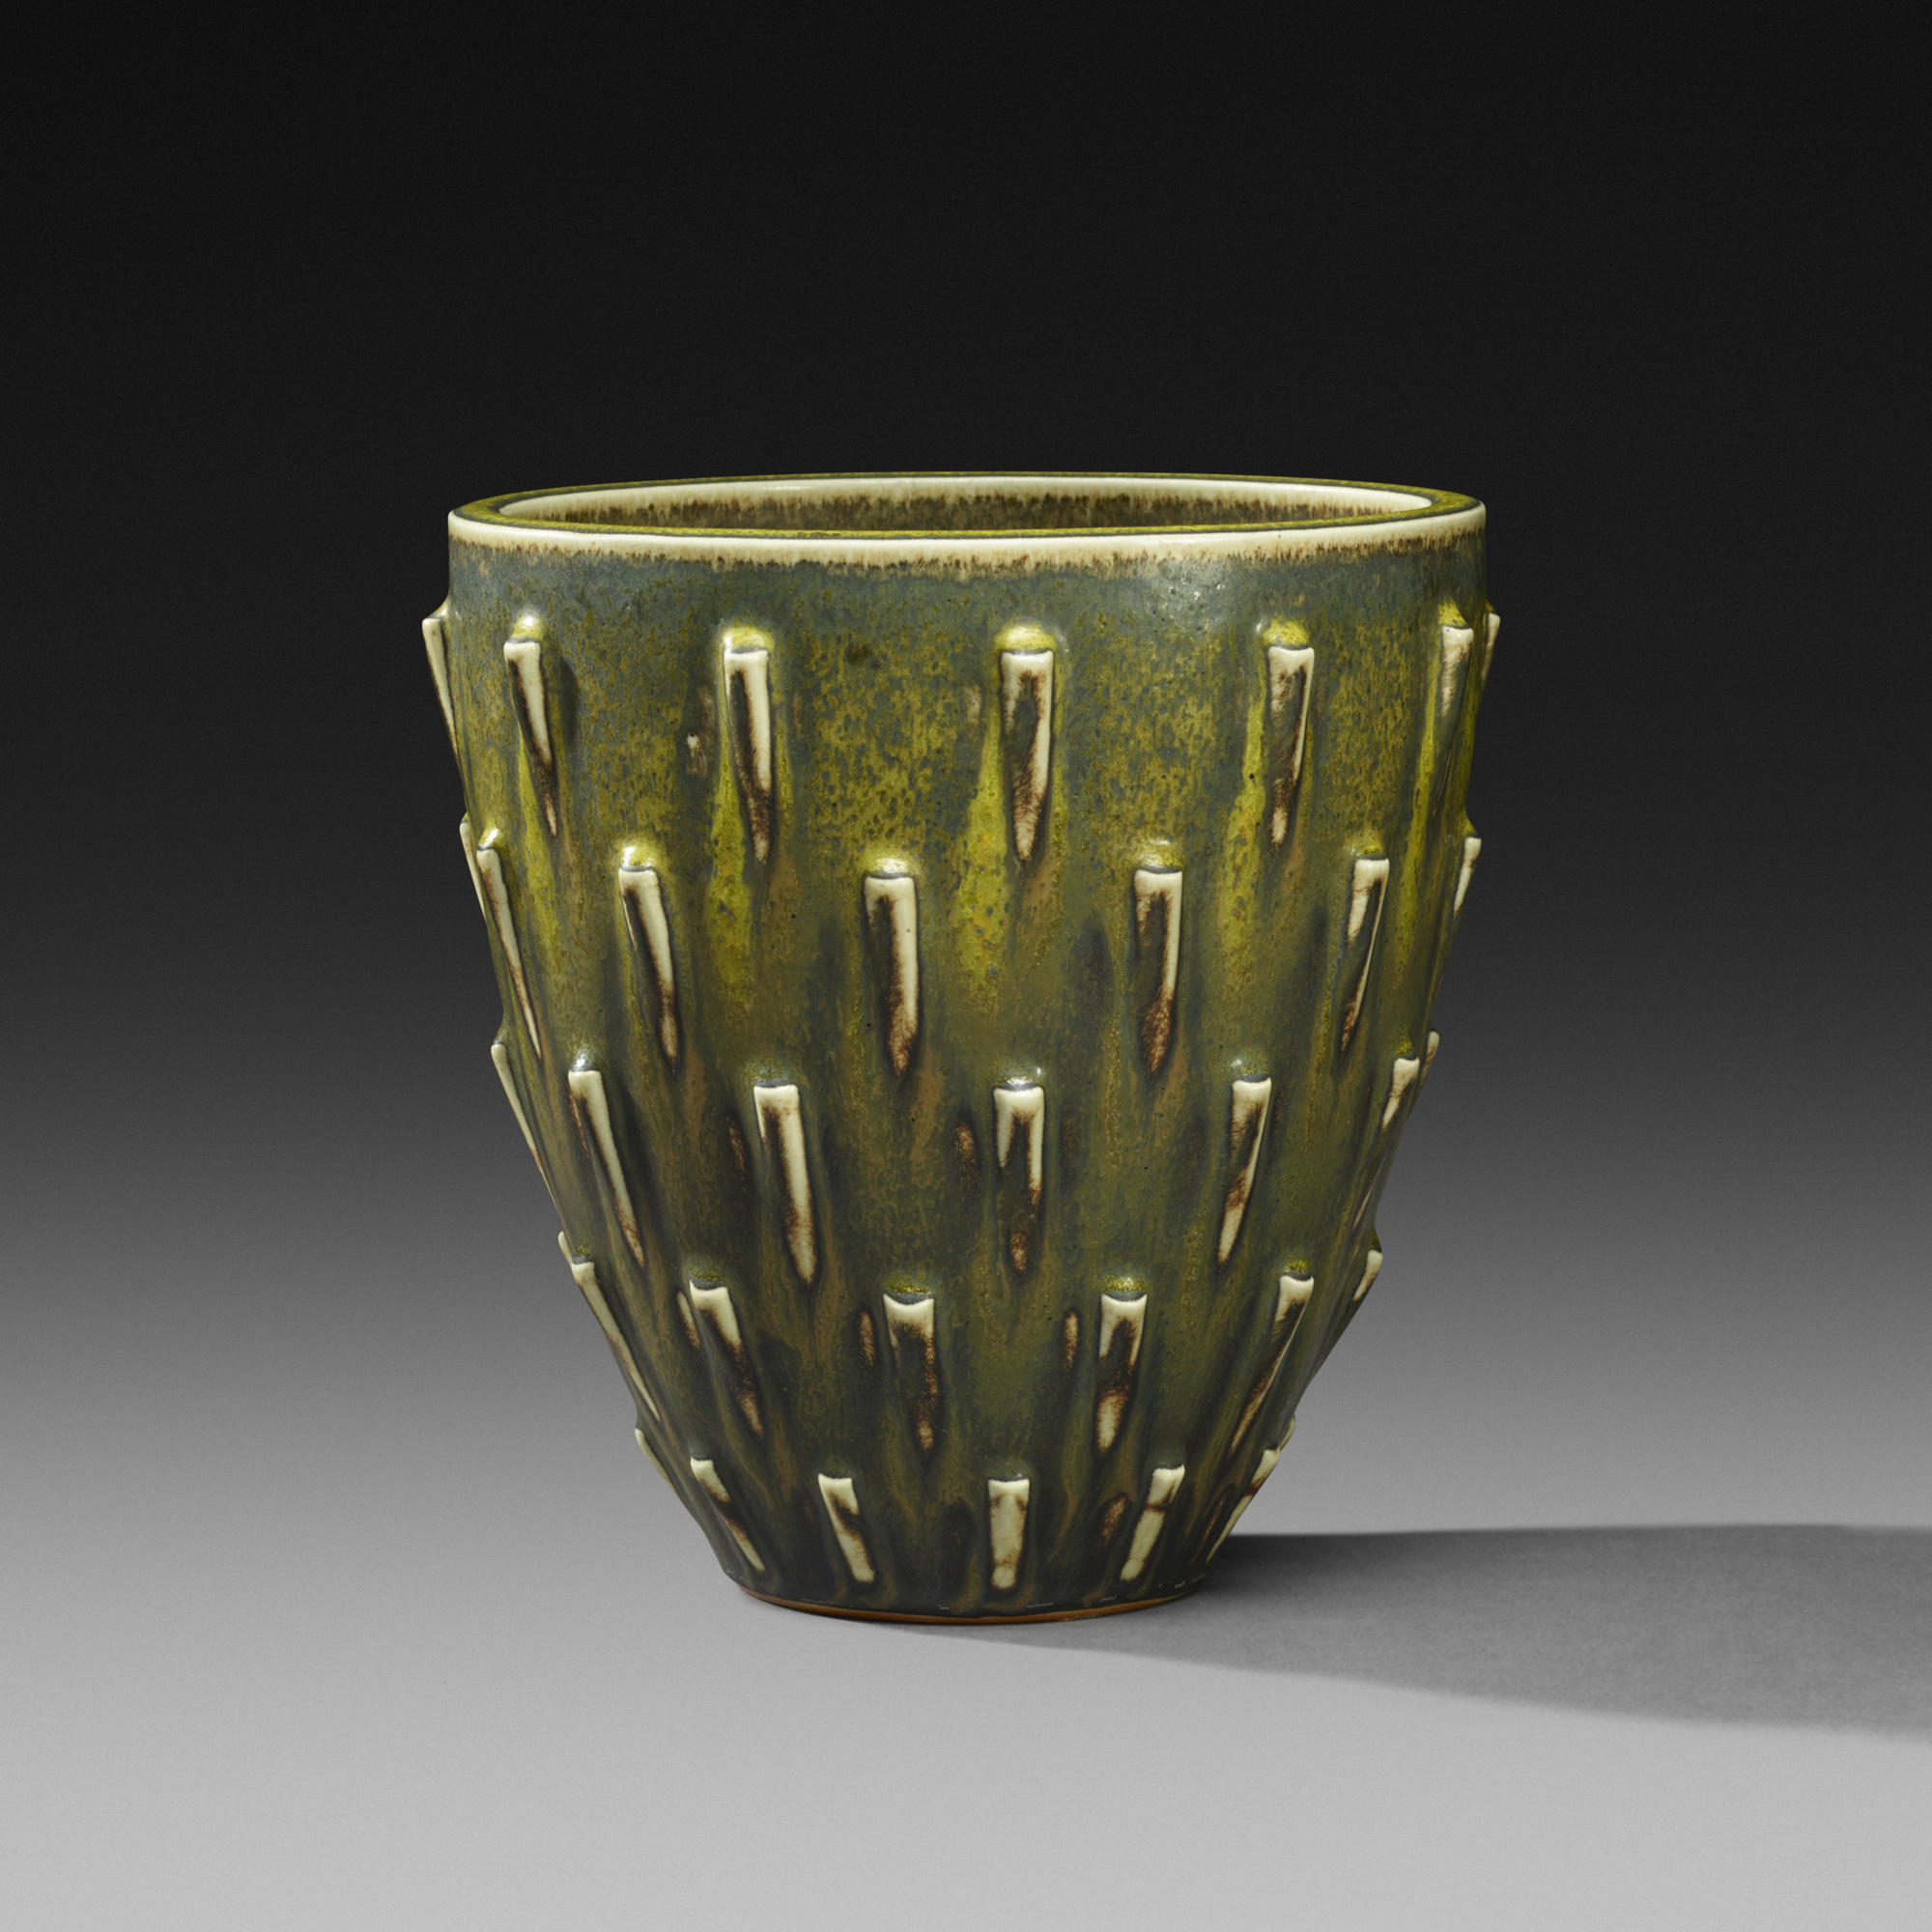 150: Arno Malinowski / vase (1 of 3)